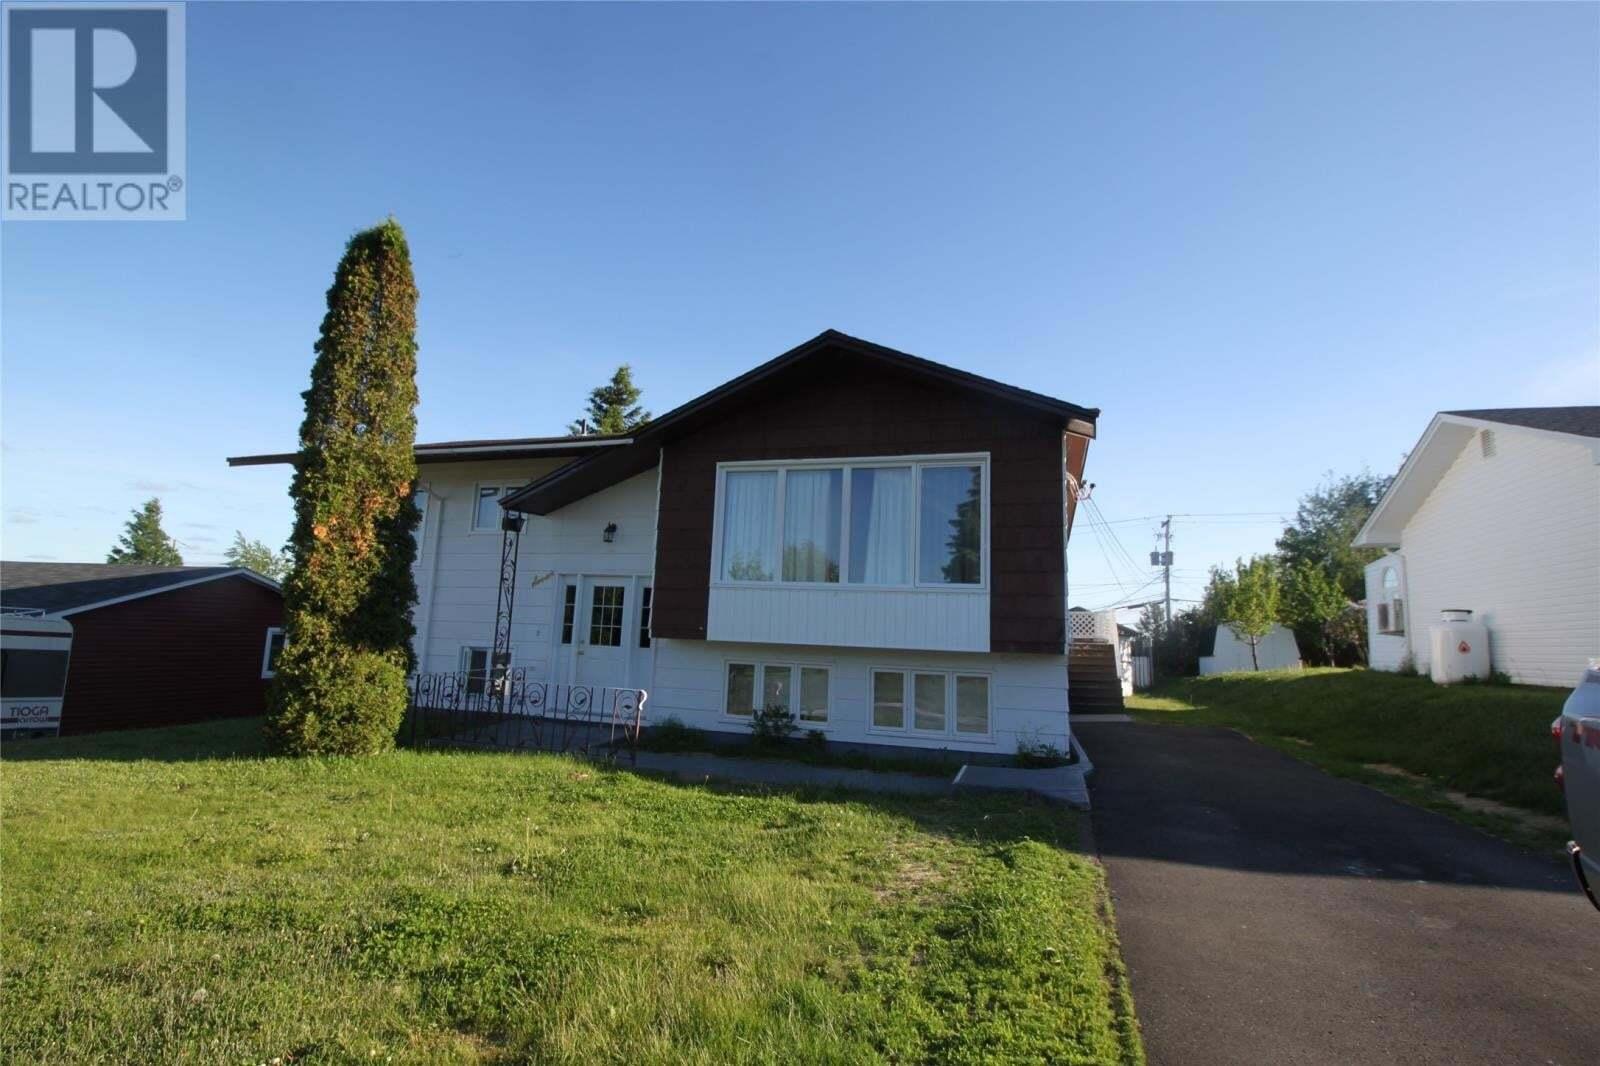 House for sale at 7 Bishop St Grand Falls-windsor Newfoundland - MLS: 1216746